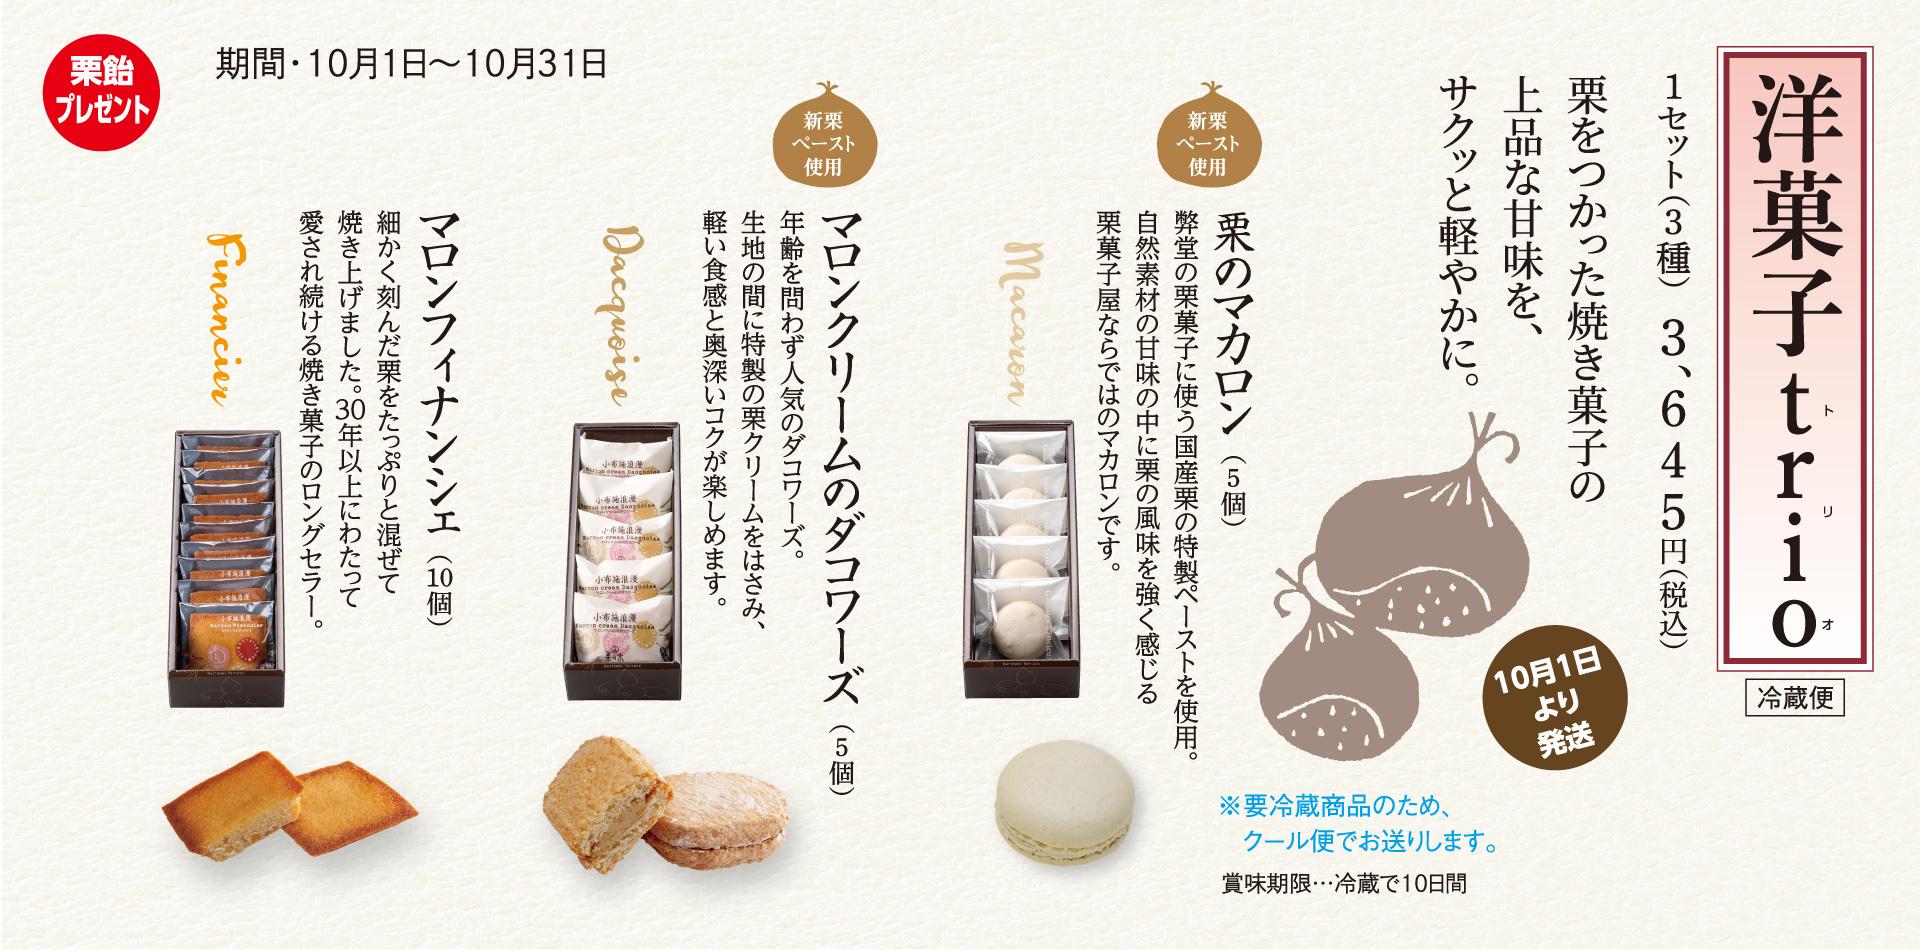 洋菓子trio